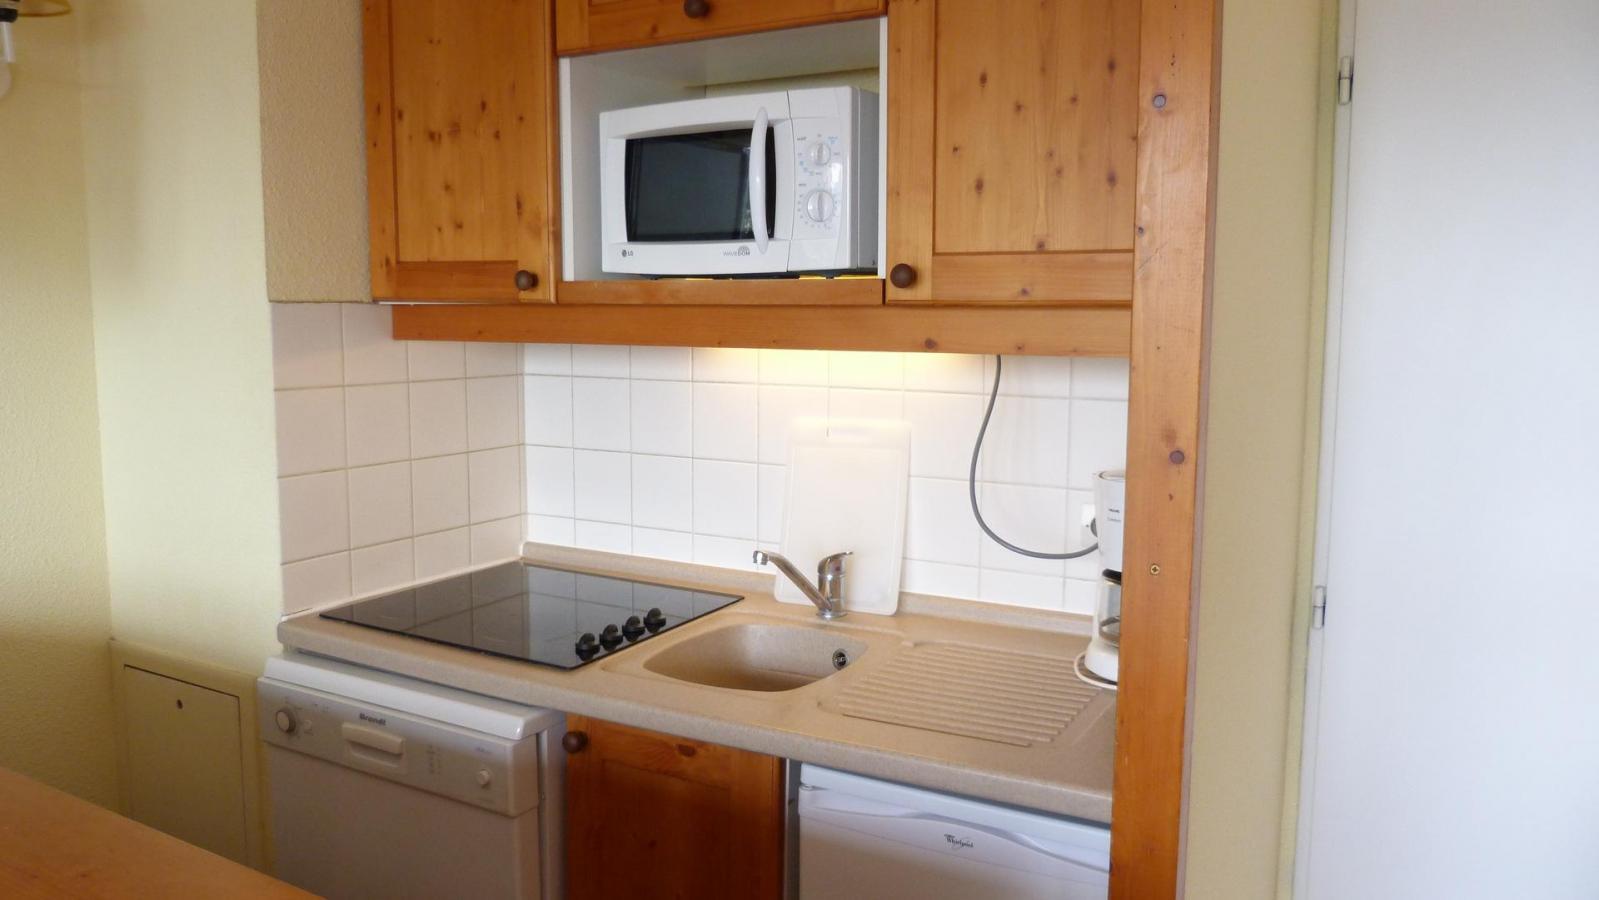 Location au ski Appartement 3 pièces 6 personnes (416) - Residence Le Ruitor - Les Arcs - Extérieur hiver